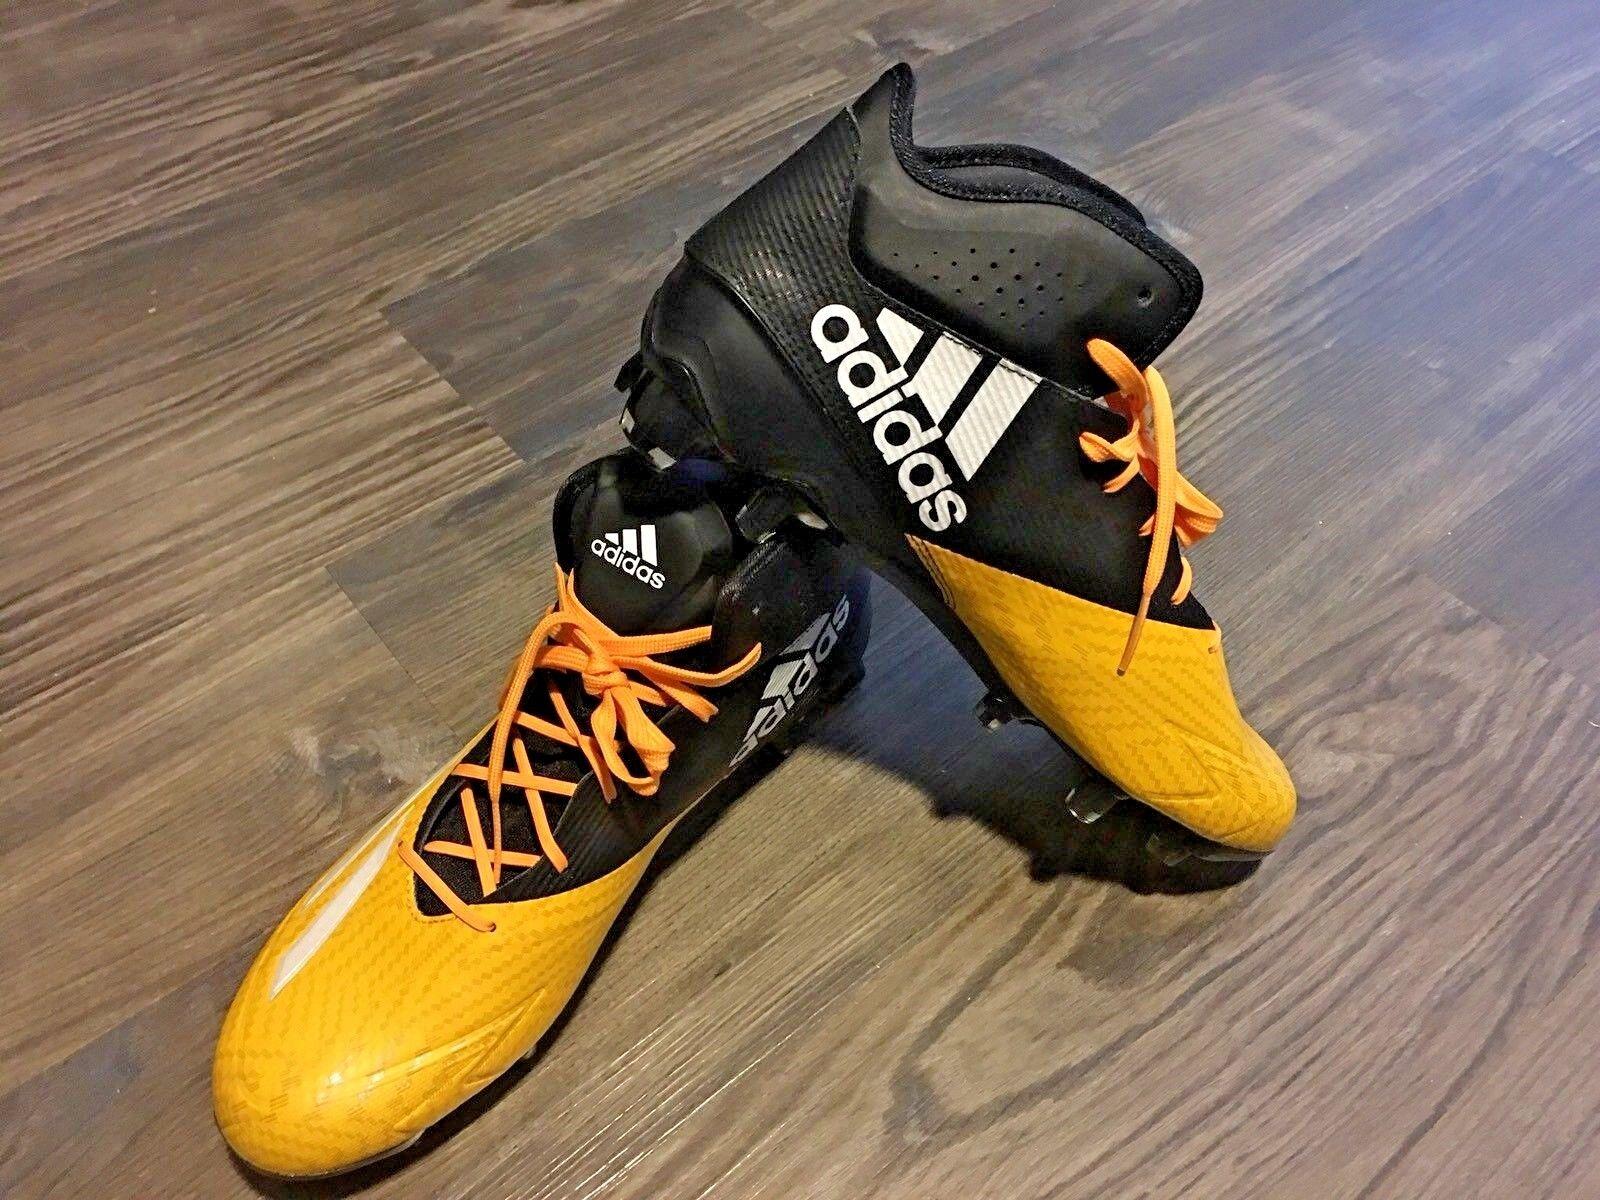 Adidas adizero 5 - sterne - 5,0 - stollen schwarz sz - gelb mitte der sz schwarz 11,5 mens q16077 698dbb